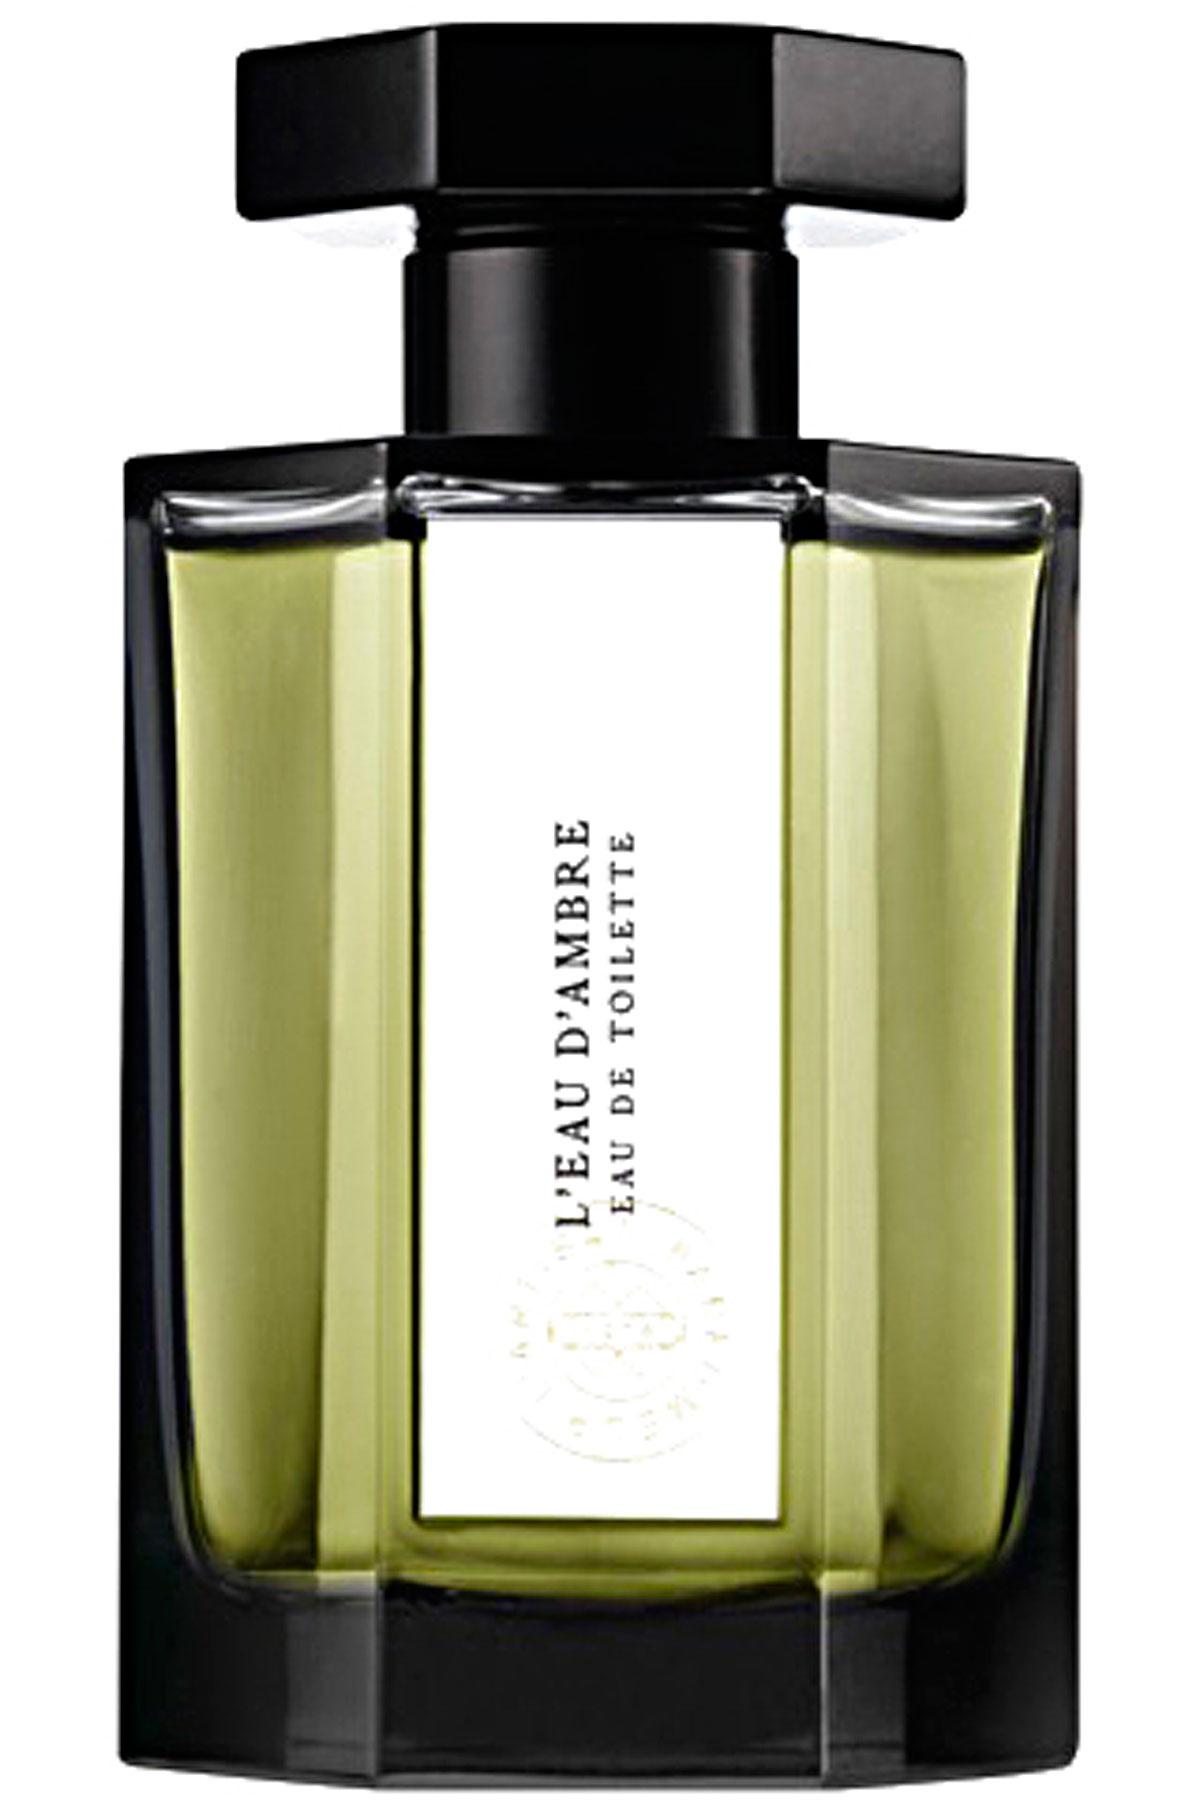 Artisan Parfumeur Fragrances for Women, L Eau D Ambre - Eau De Toilette - 100 Ml, 2019, 100 ml